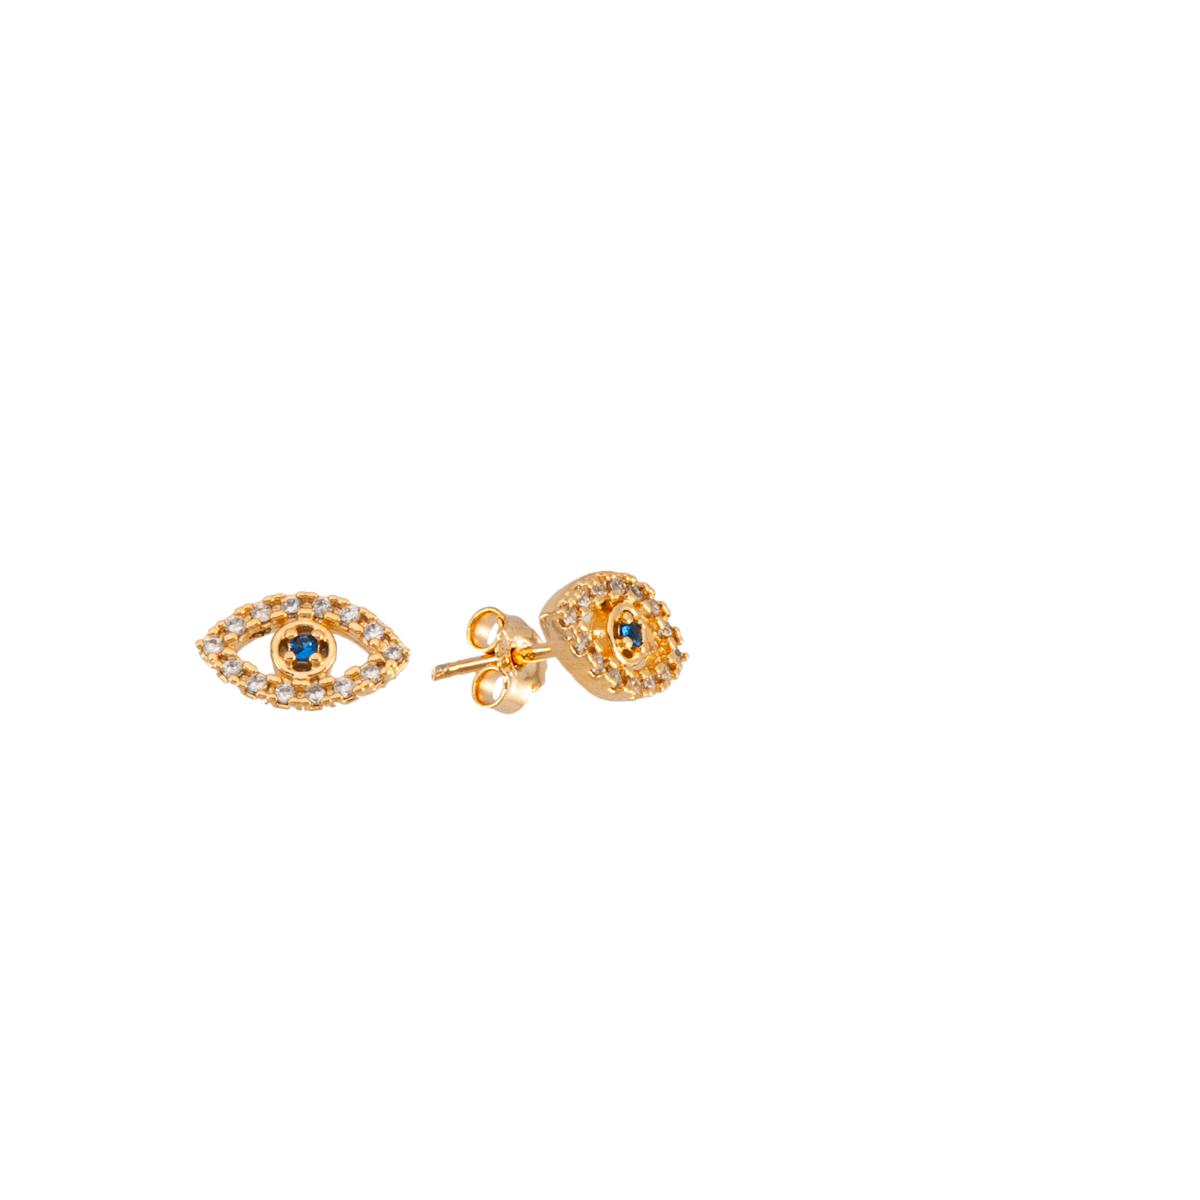 Brinco folheado banho de ouro 18k cravejado com pedras olho grego